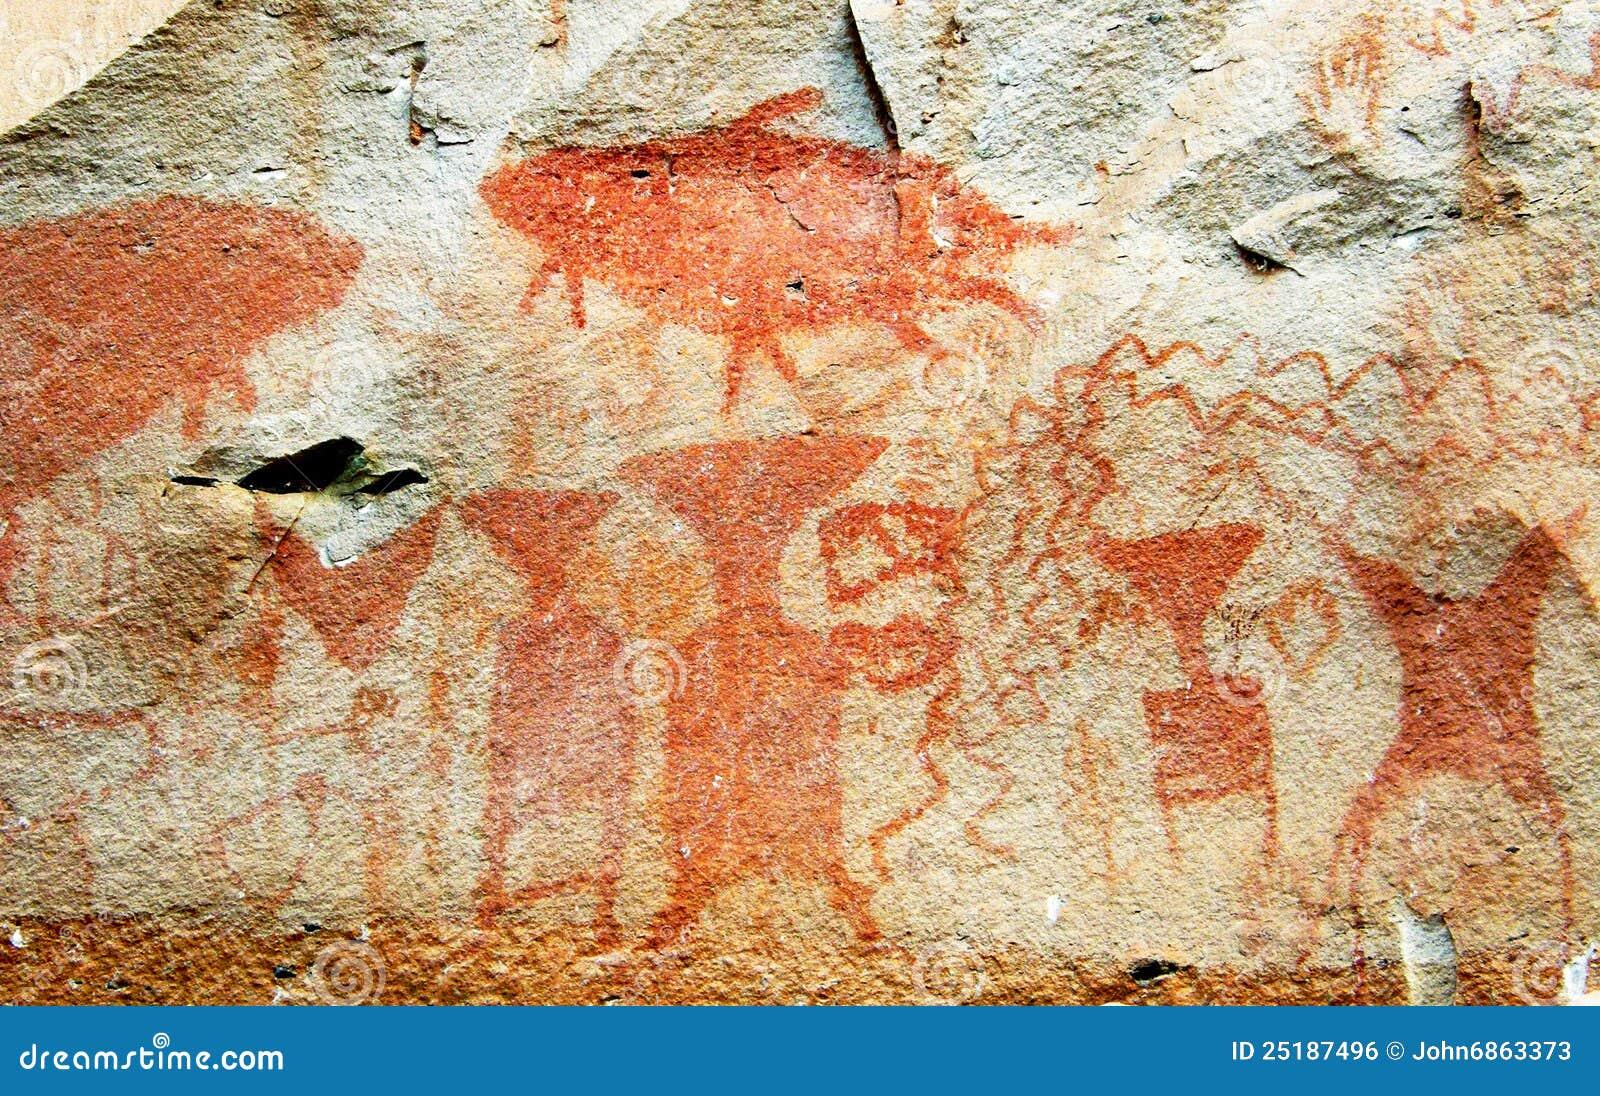 αρχαία ζωγραφική